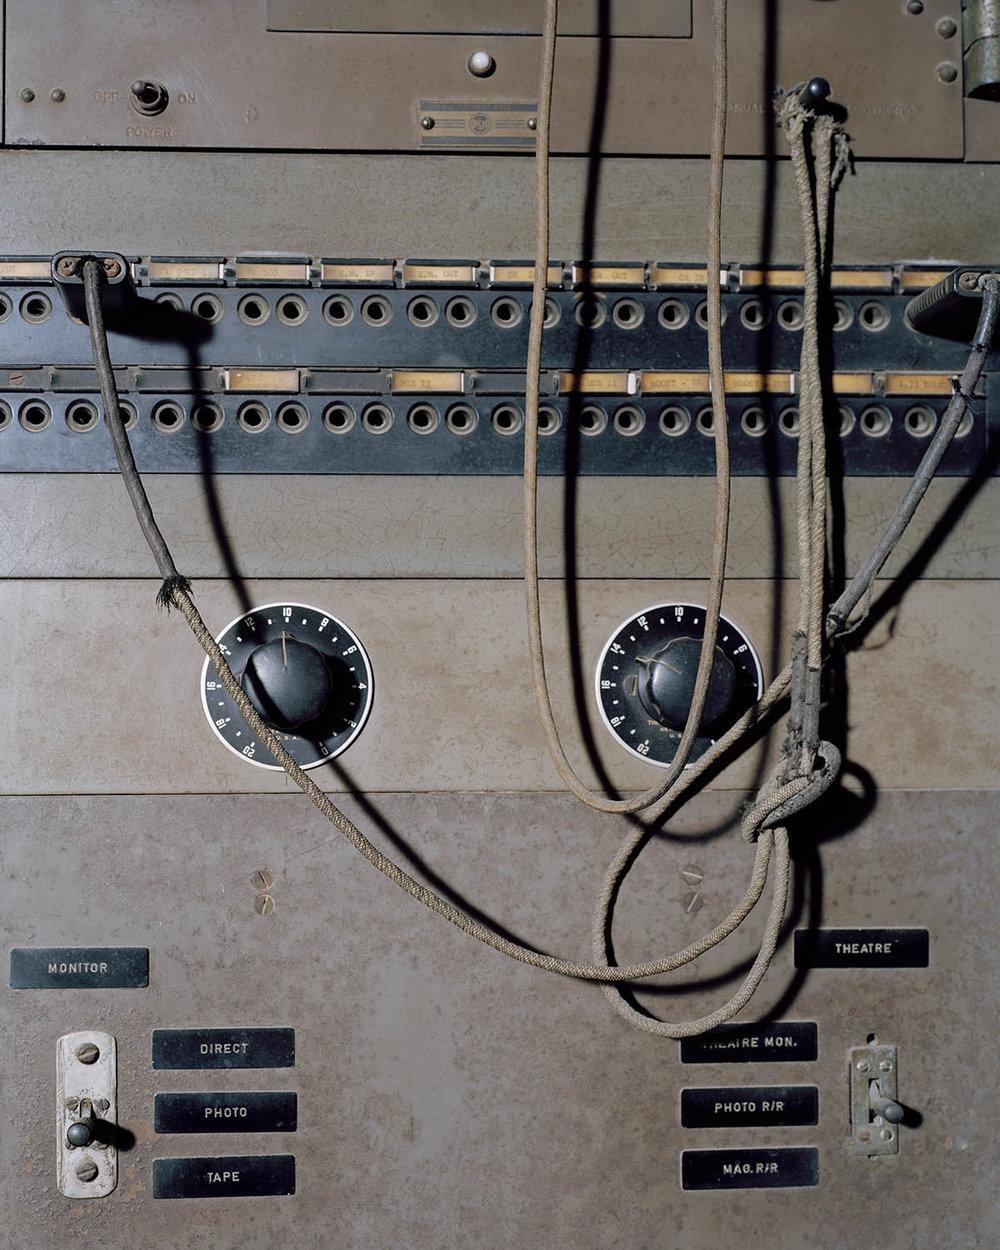 Technician's Studio-7,  2013/14 from  Film Studio Series